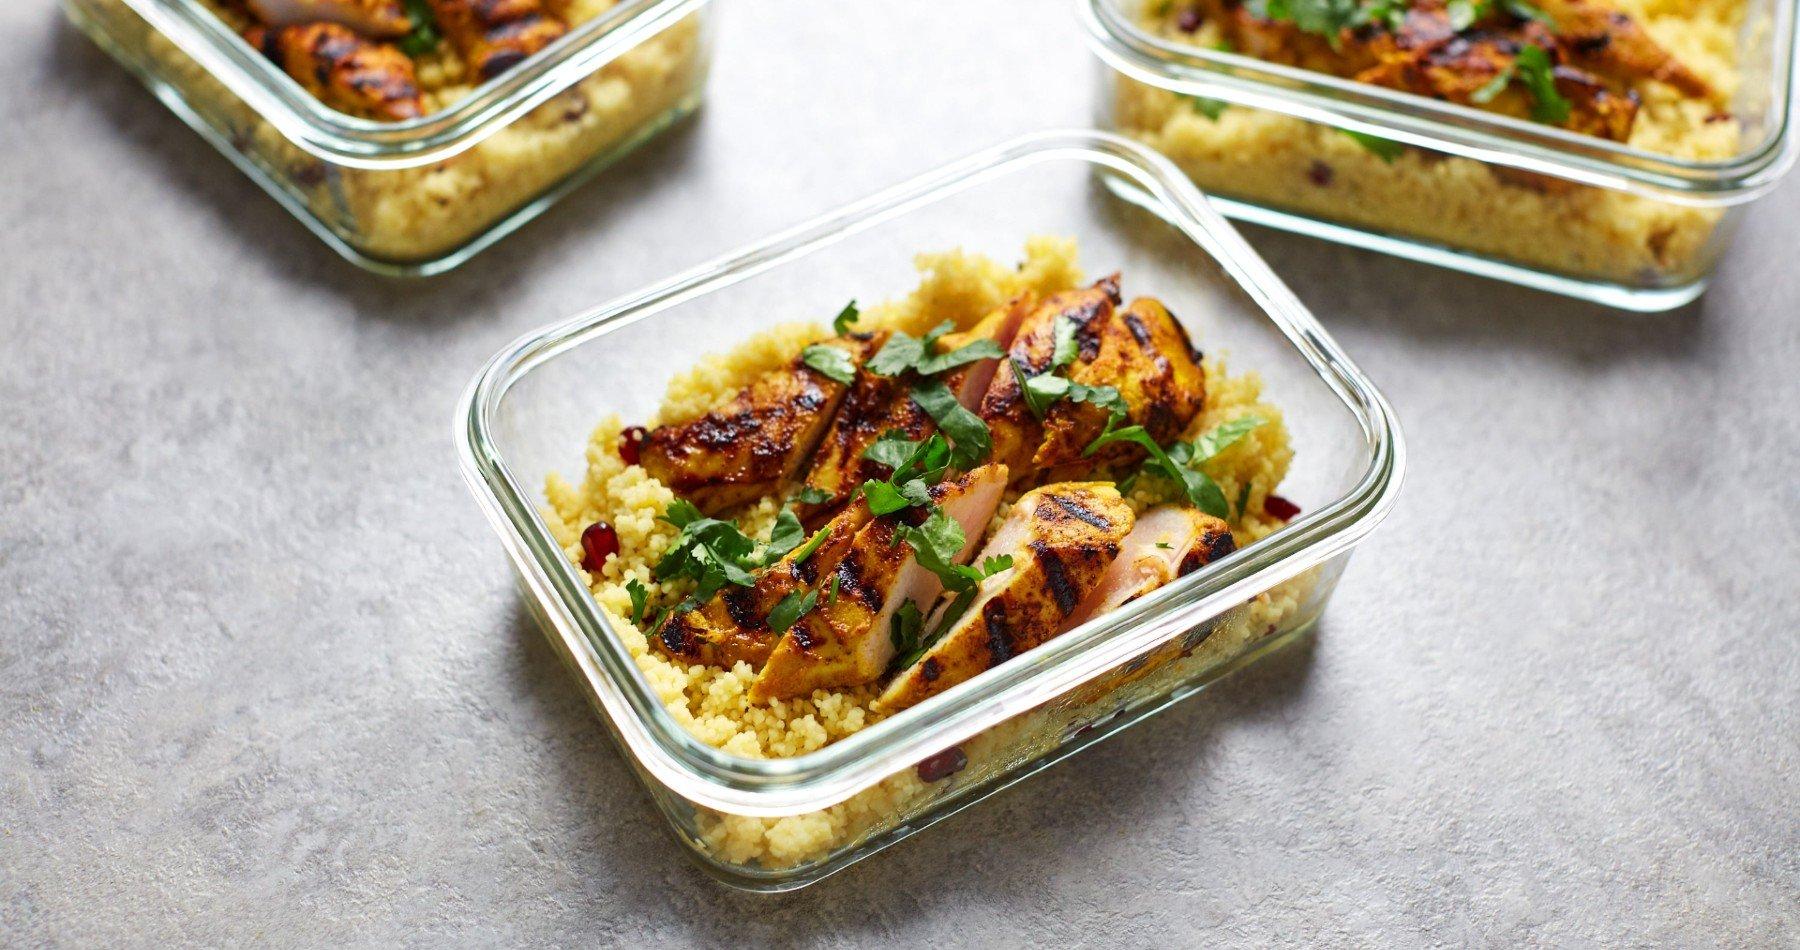 Poulet aux épices avec couscous - Repas équilibré